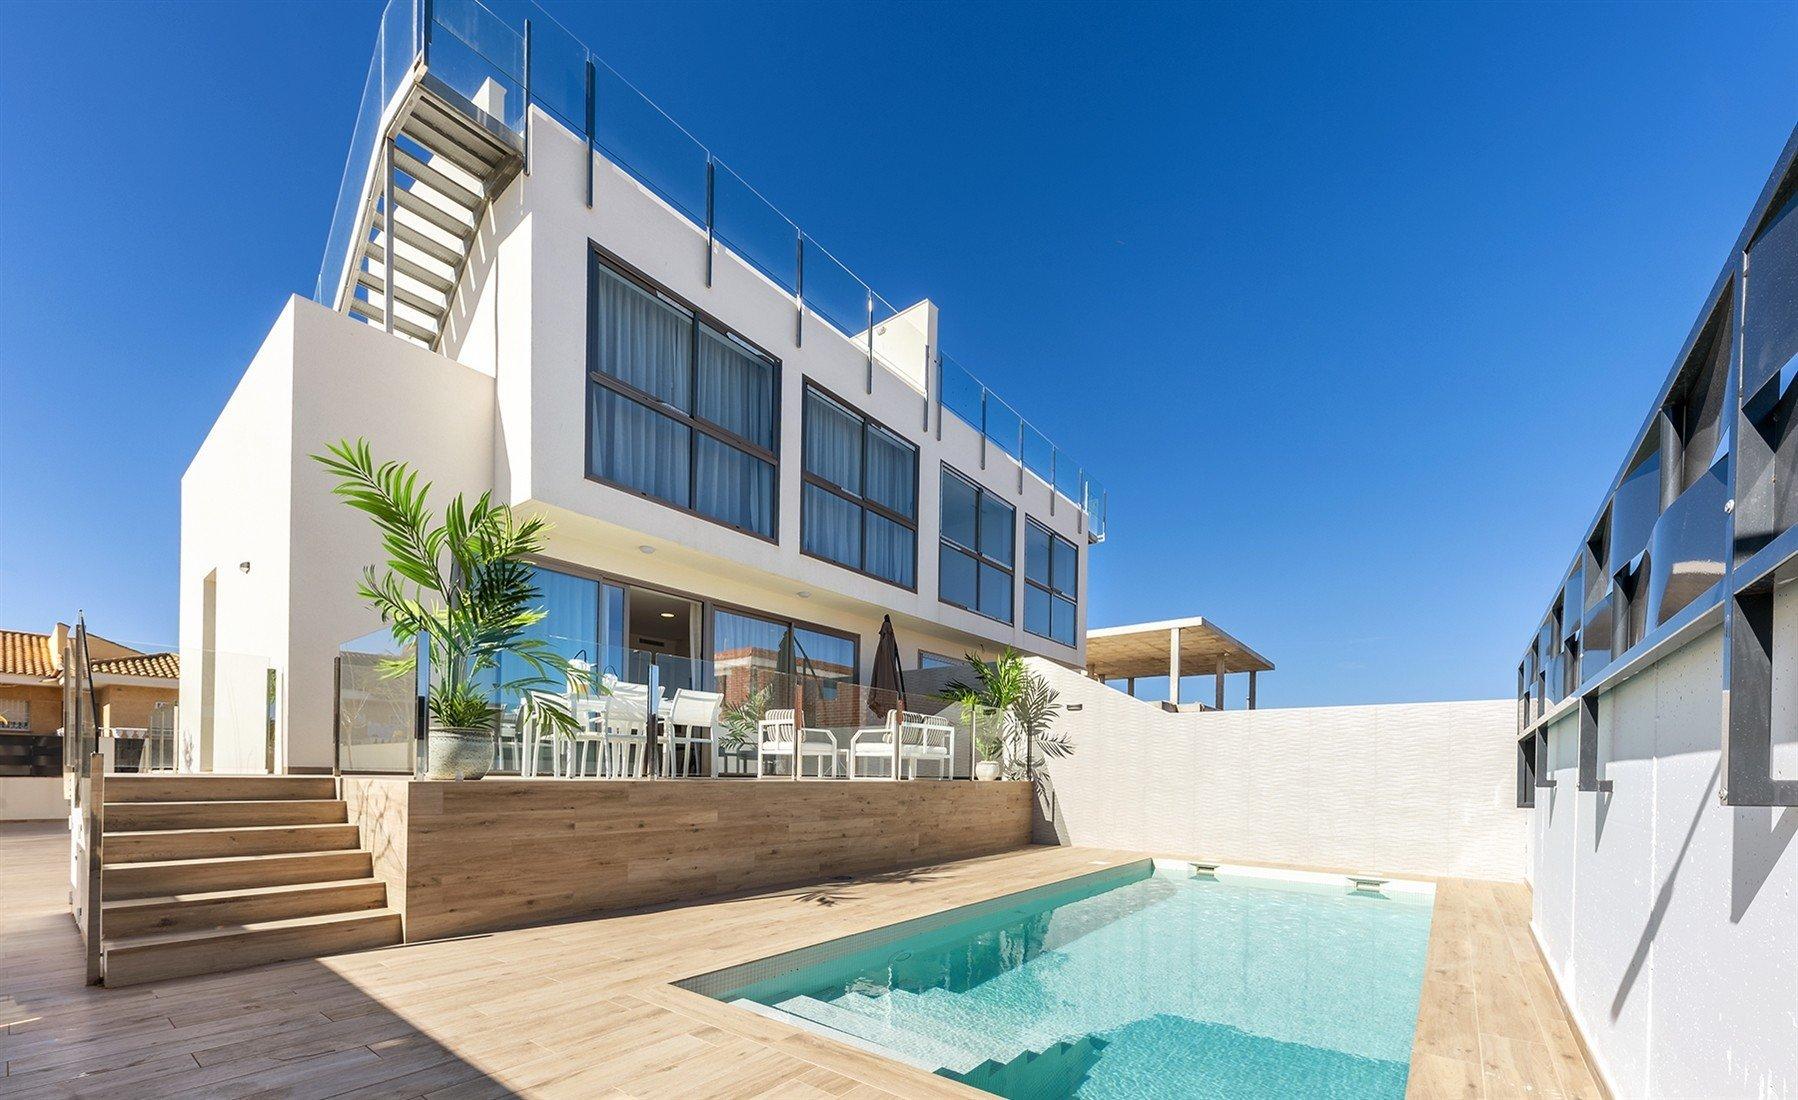 Villa for sale in Los Belones